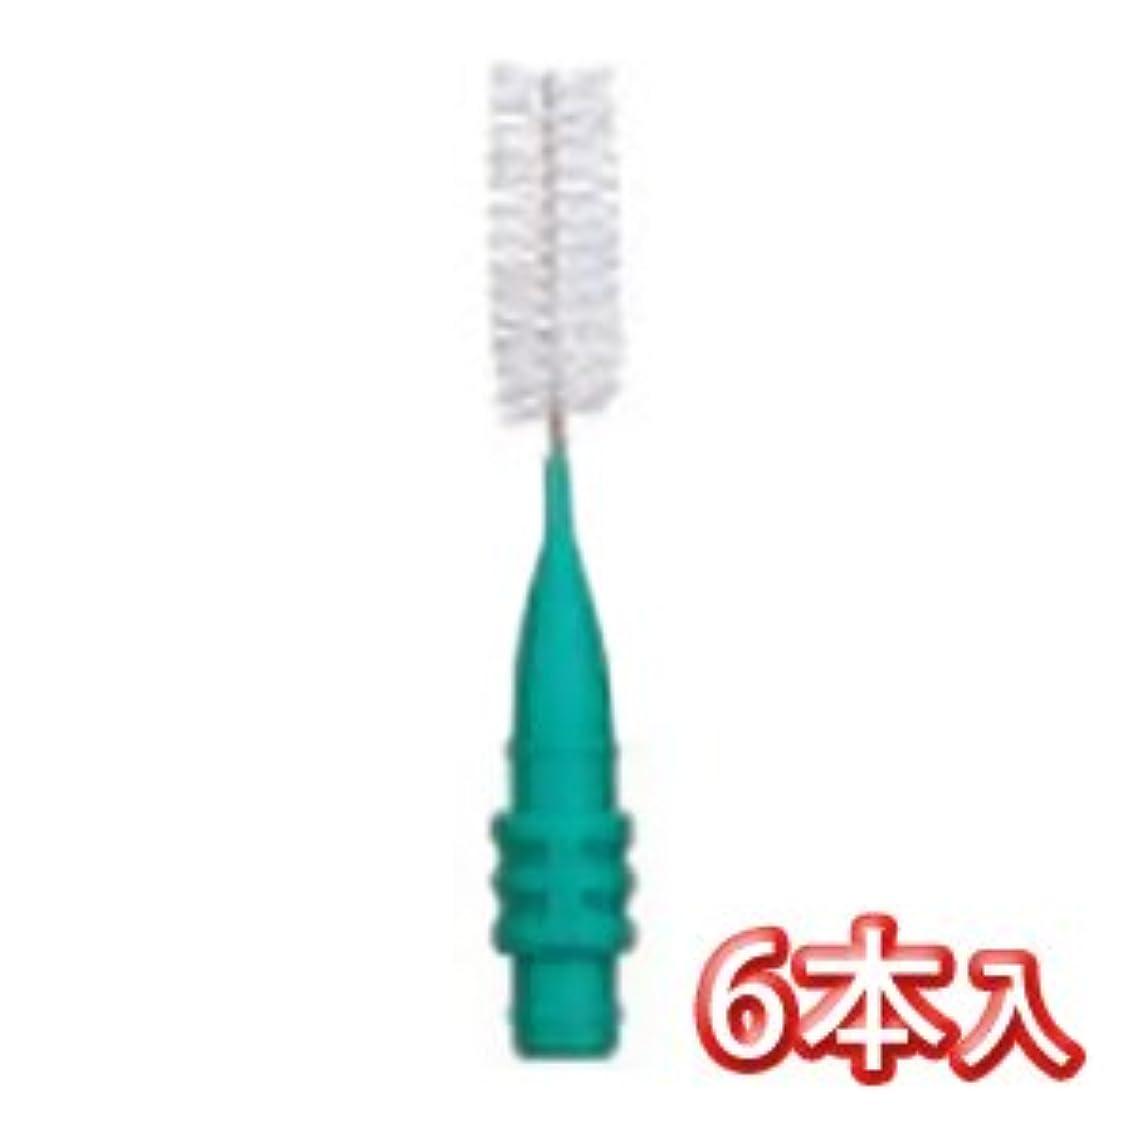 自分の力ですべてをするなぜ説得力のあるプロスペック 歯間ブラシ2 スペアーブラシ のみ 6本入 LL グリーン